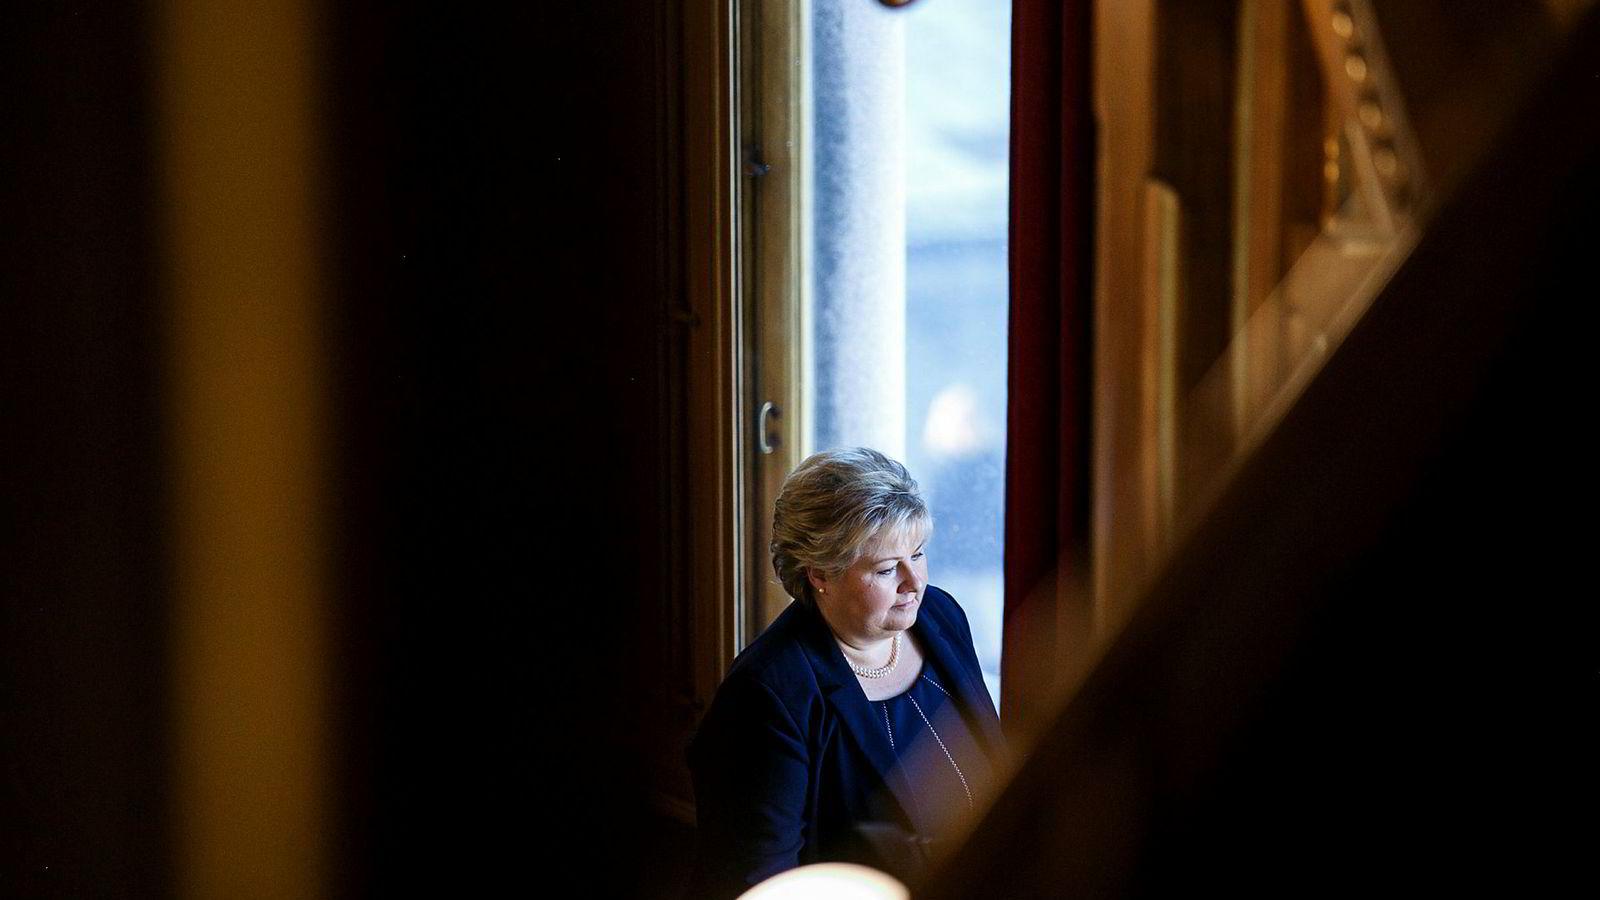 – Jeg er først og fremst opptatt av at feil rettes opp og ikke gjentas. Så er det Stortingets ansvar å gå gjennom saken, sier Erna Solberg.